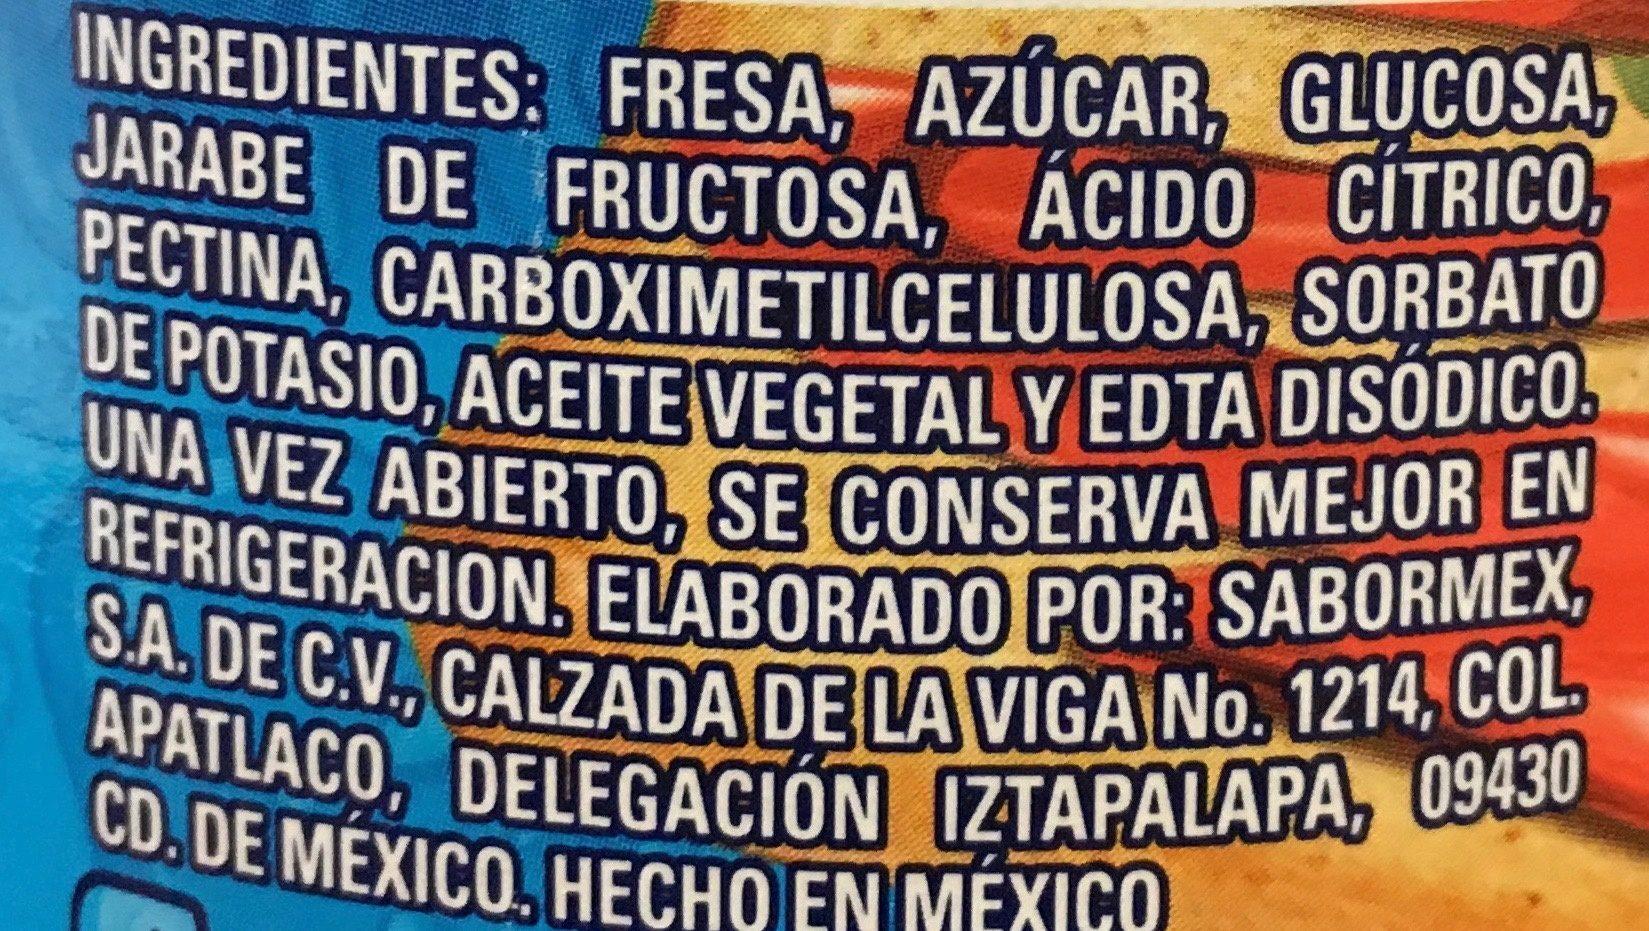 Clemente Jacques Mermelada de Fresa - Ingrédients - es